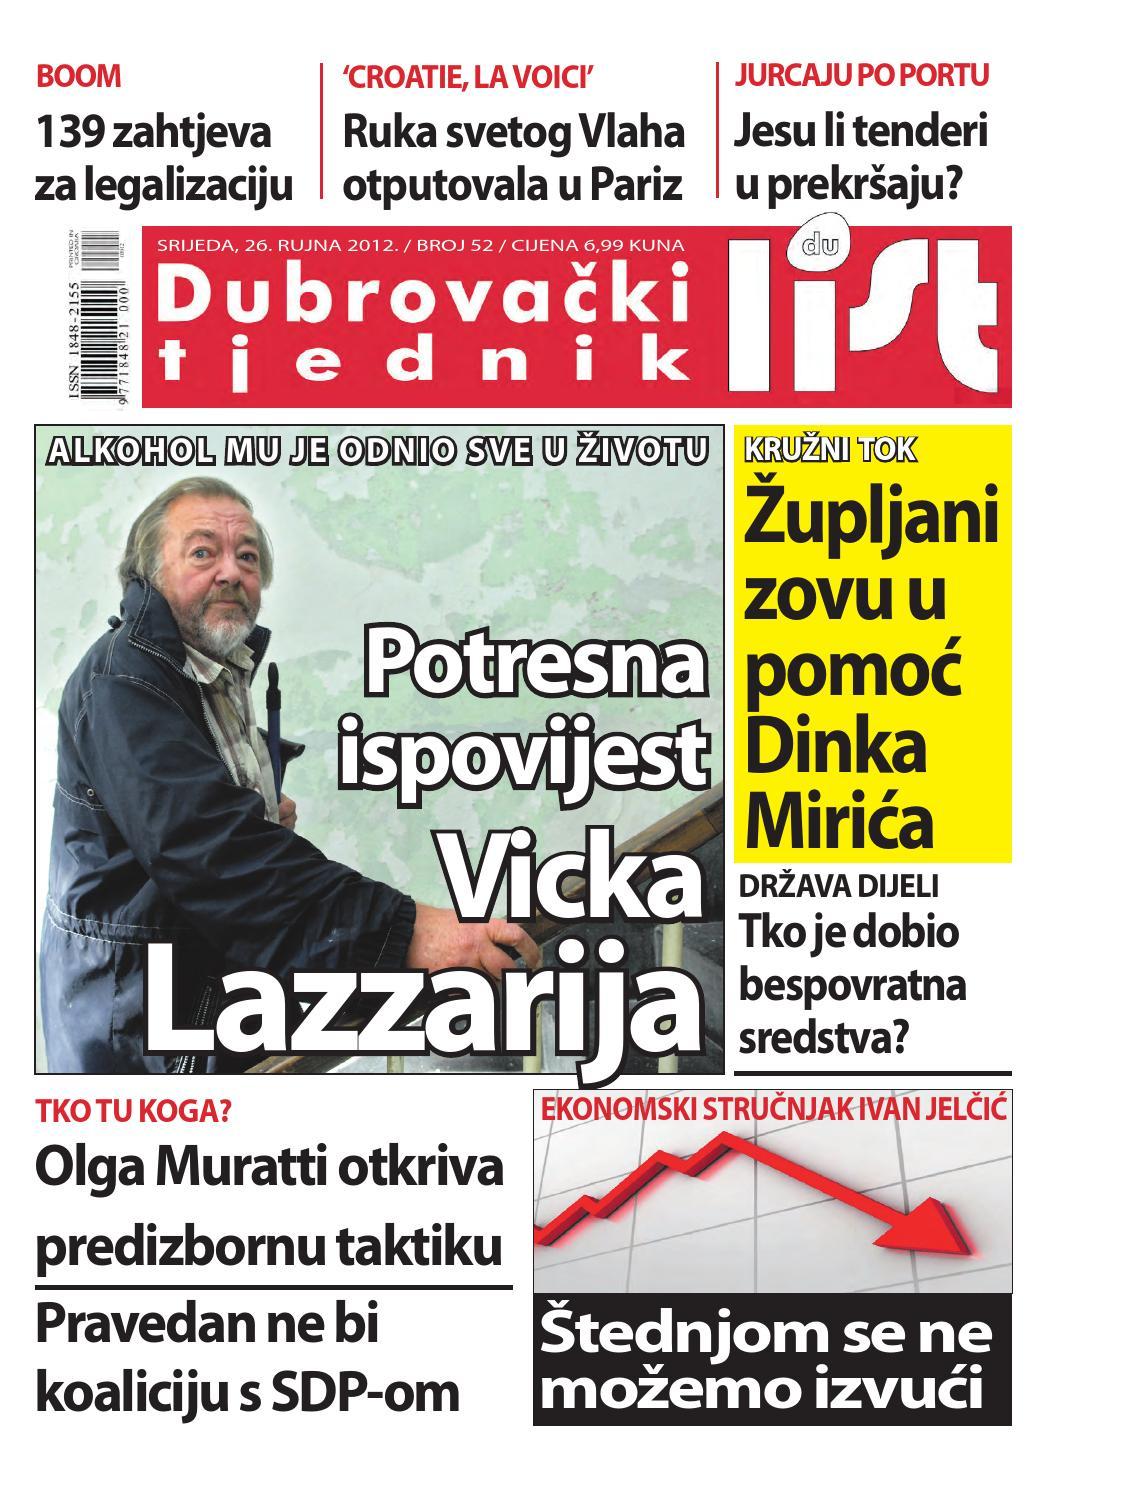 Nikola Zrinski u akovec doveo franjevce.